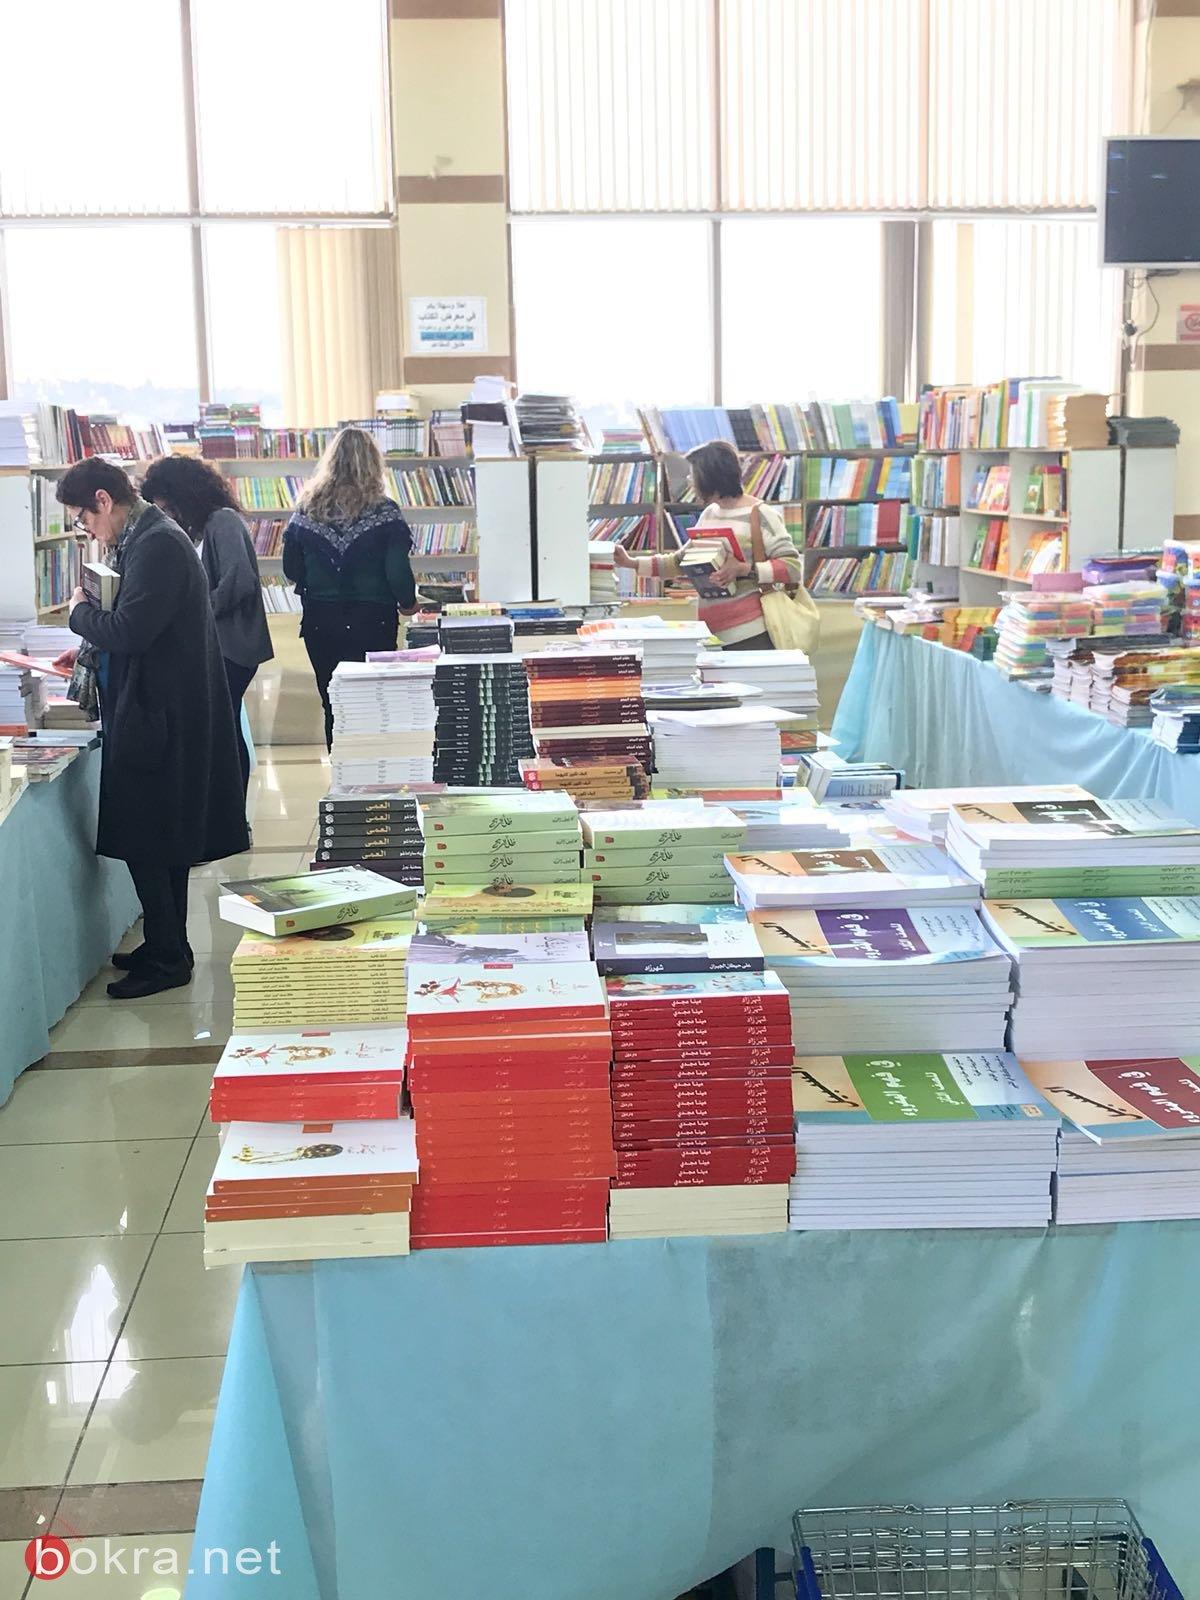 معرض الكتاب في كنيون كنعان- يركا يحقق نجاحاً كبيراً ، المستمر حتى السبت 10.3.18-7